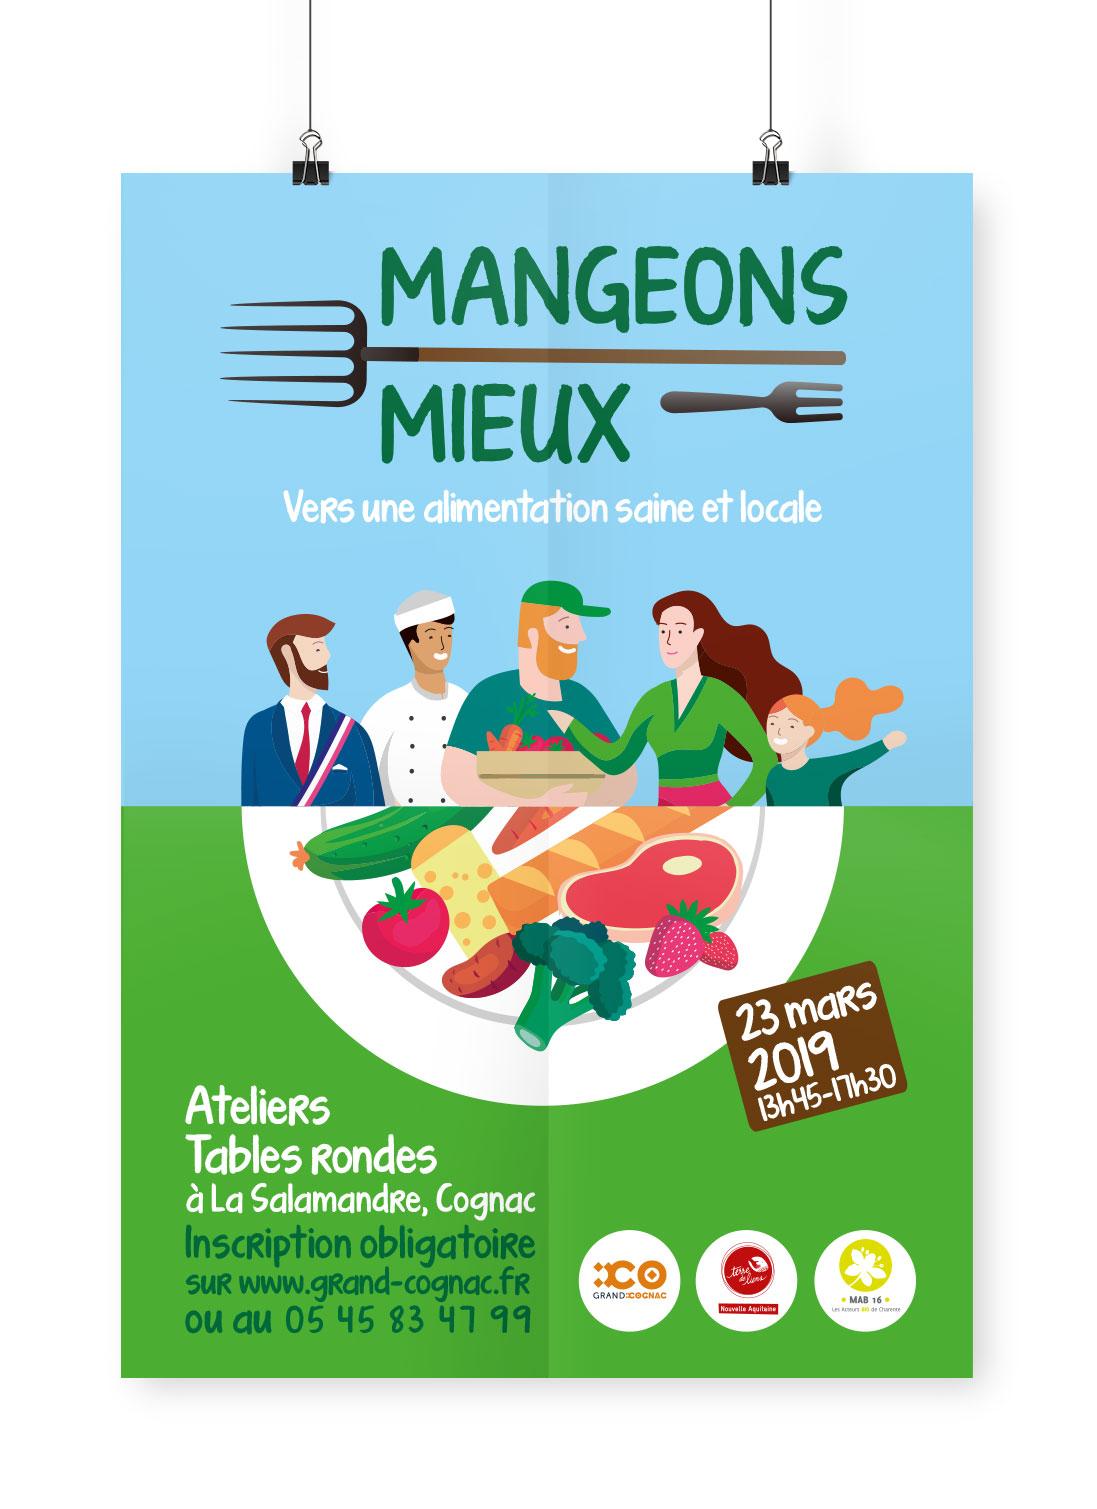 design d'affiche collectif mangeons mieux pour mettre du bio dans les cantines - alimentation et production locale